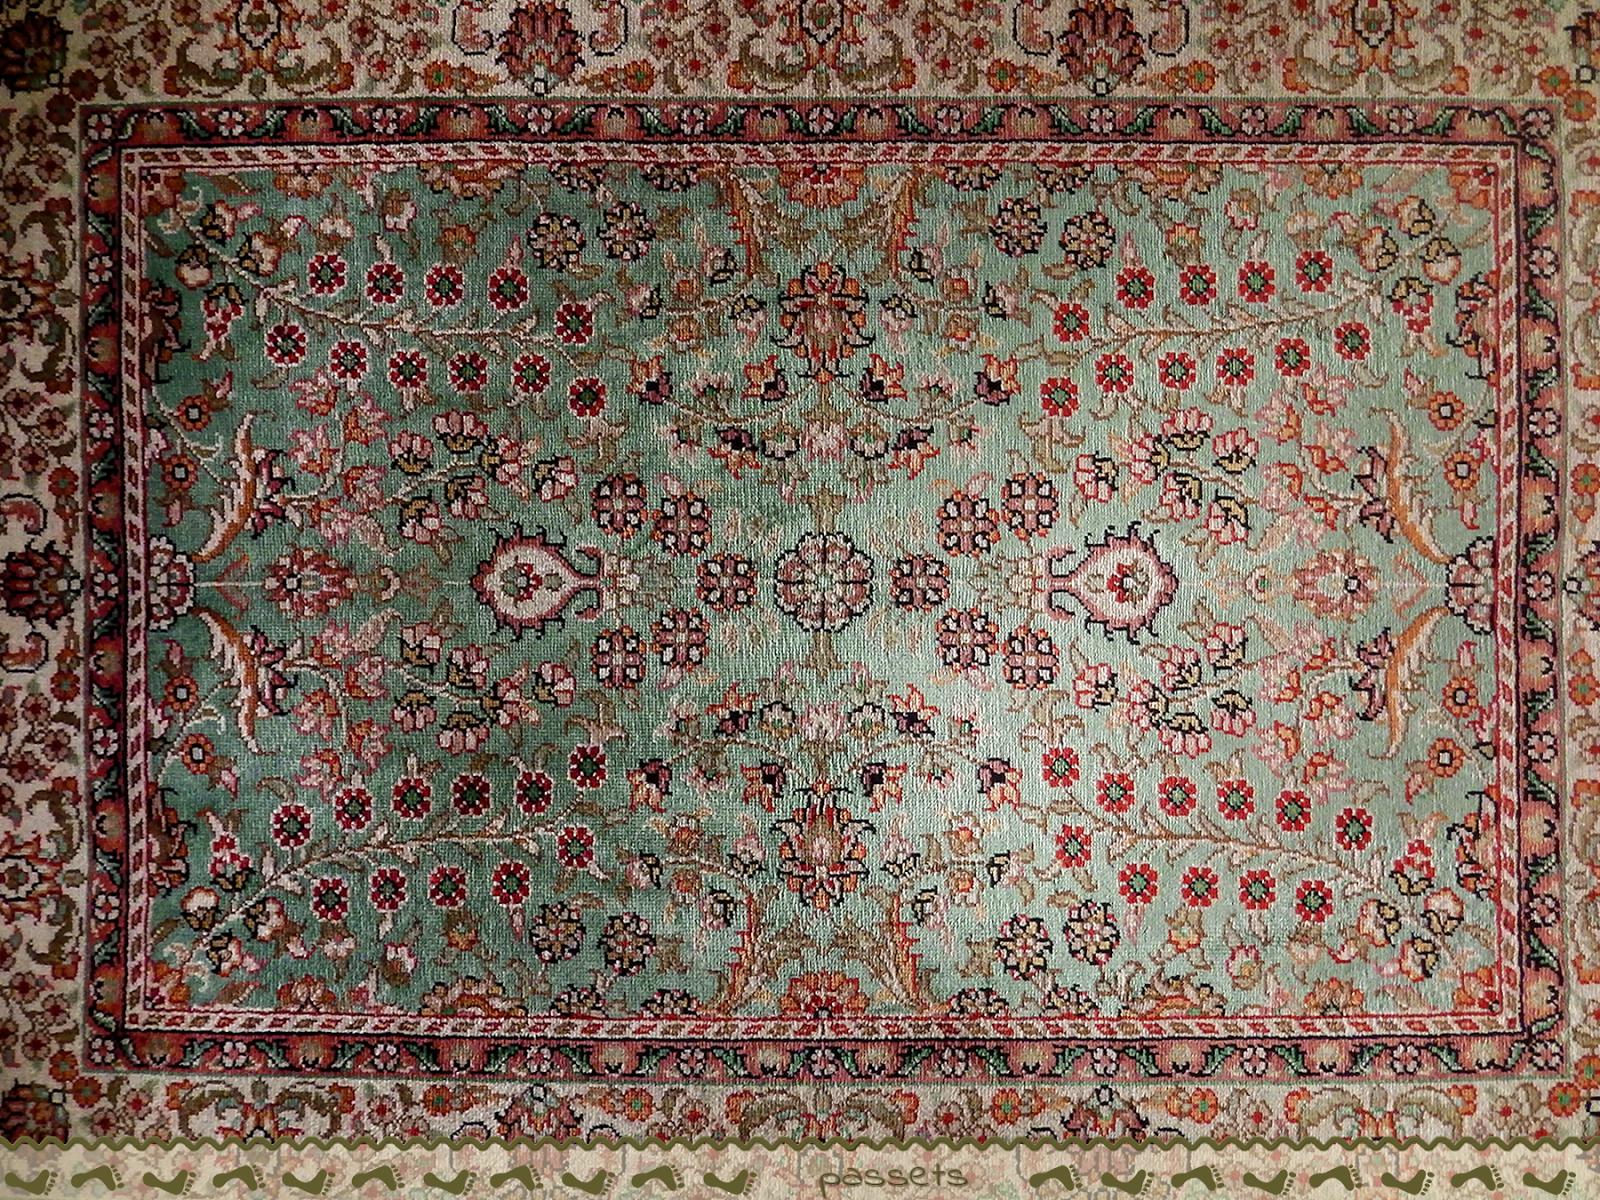 Las alfombras turcas passets for Alfombras persas historia